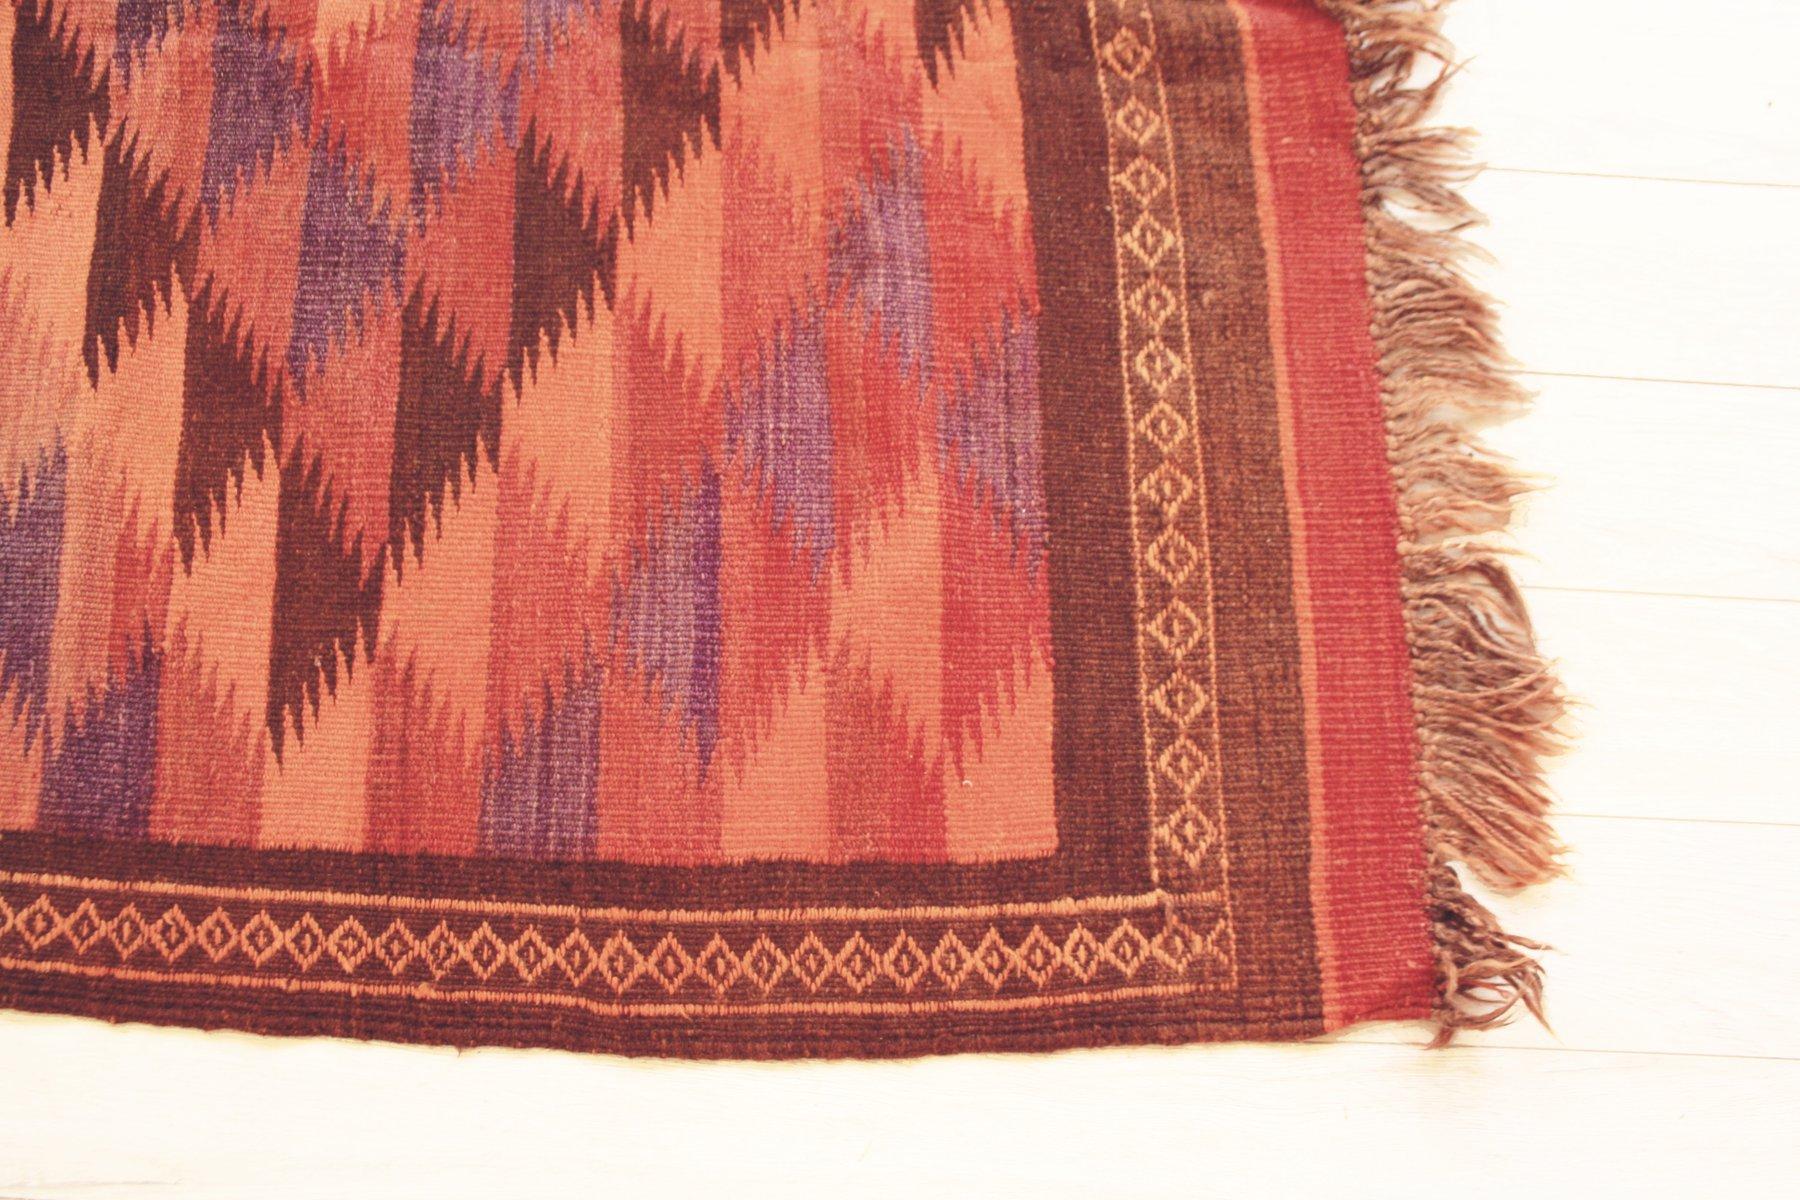 gro er handgekn pfter uzbek teppich bei pamono kaufen. Black Bedroom Furniture Sets. Home Design Ideas